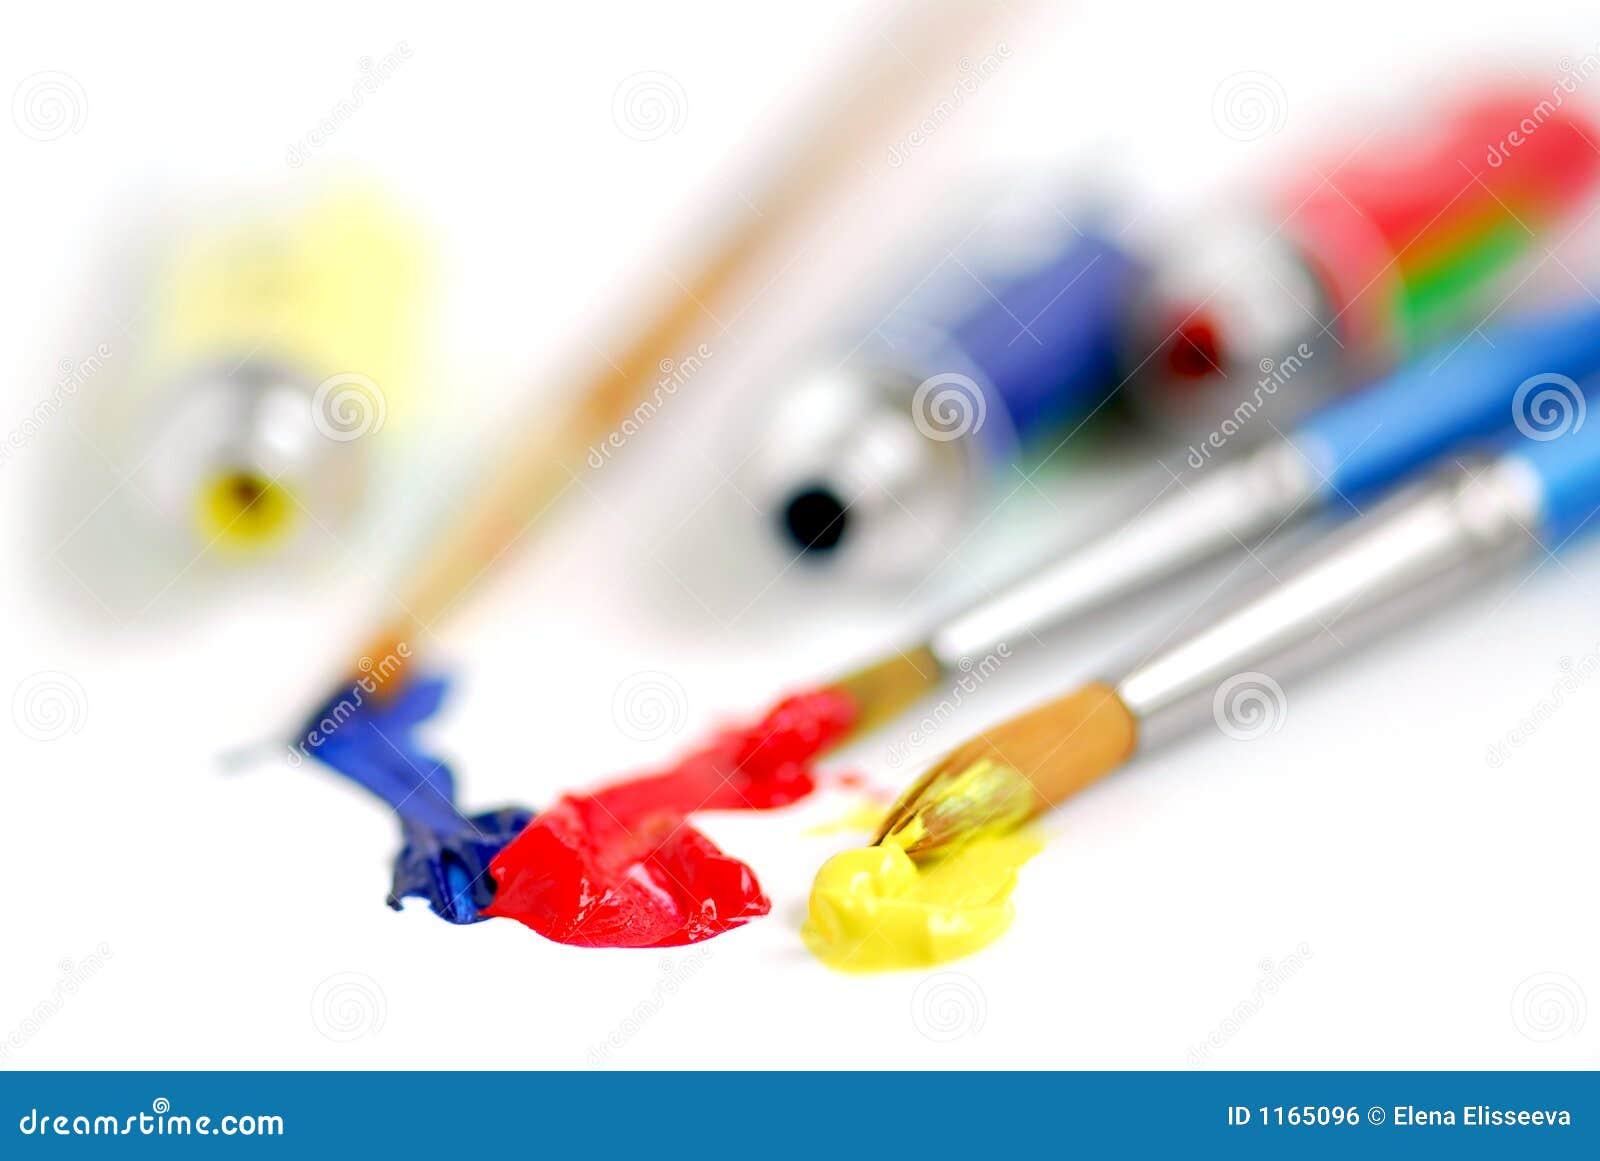 Pennello di colori primari fotografia stock immagine di - Immagine di terra a colori ...